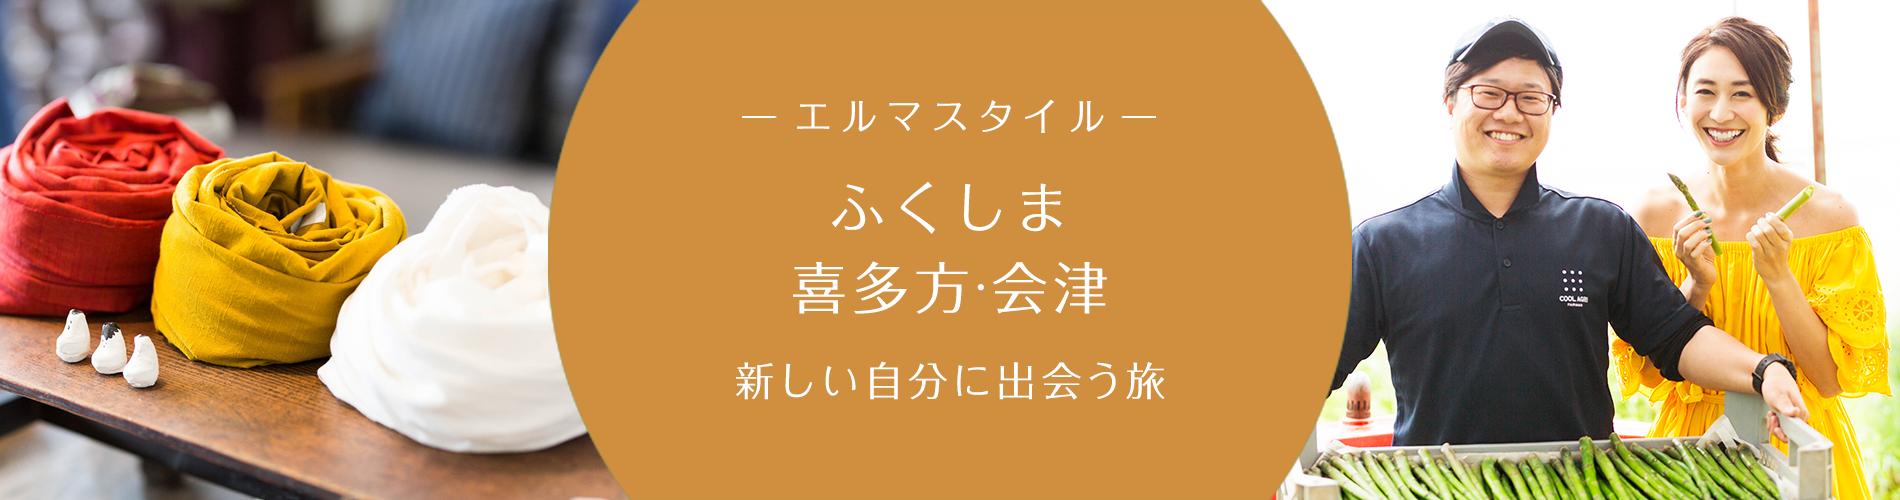 エルマスタイル ふくしま喜多方・会津 新しい自分に出会う旅